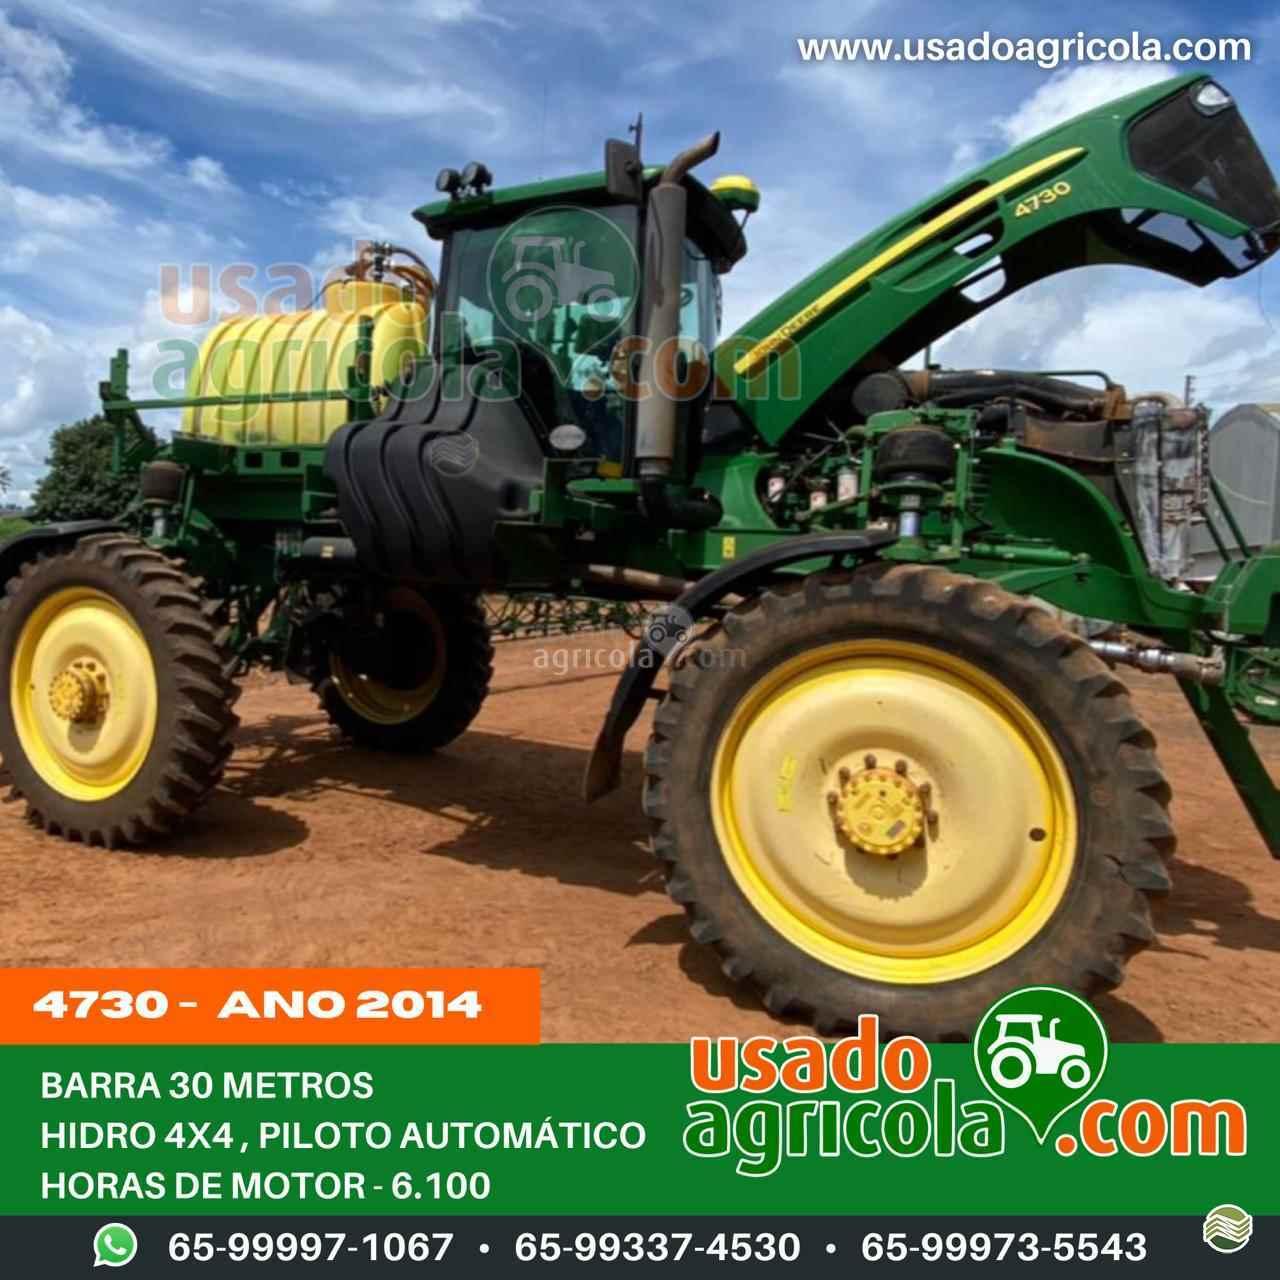 PULVERIZADOR JOHN DEERE JOHN DEERE 4730 Tração 4x4 Usado Agricola LUCAS DO RIO VERDE MATO GROSSO MT